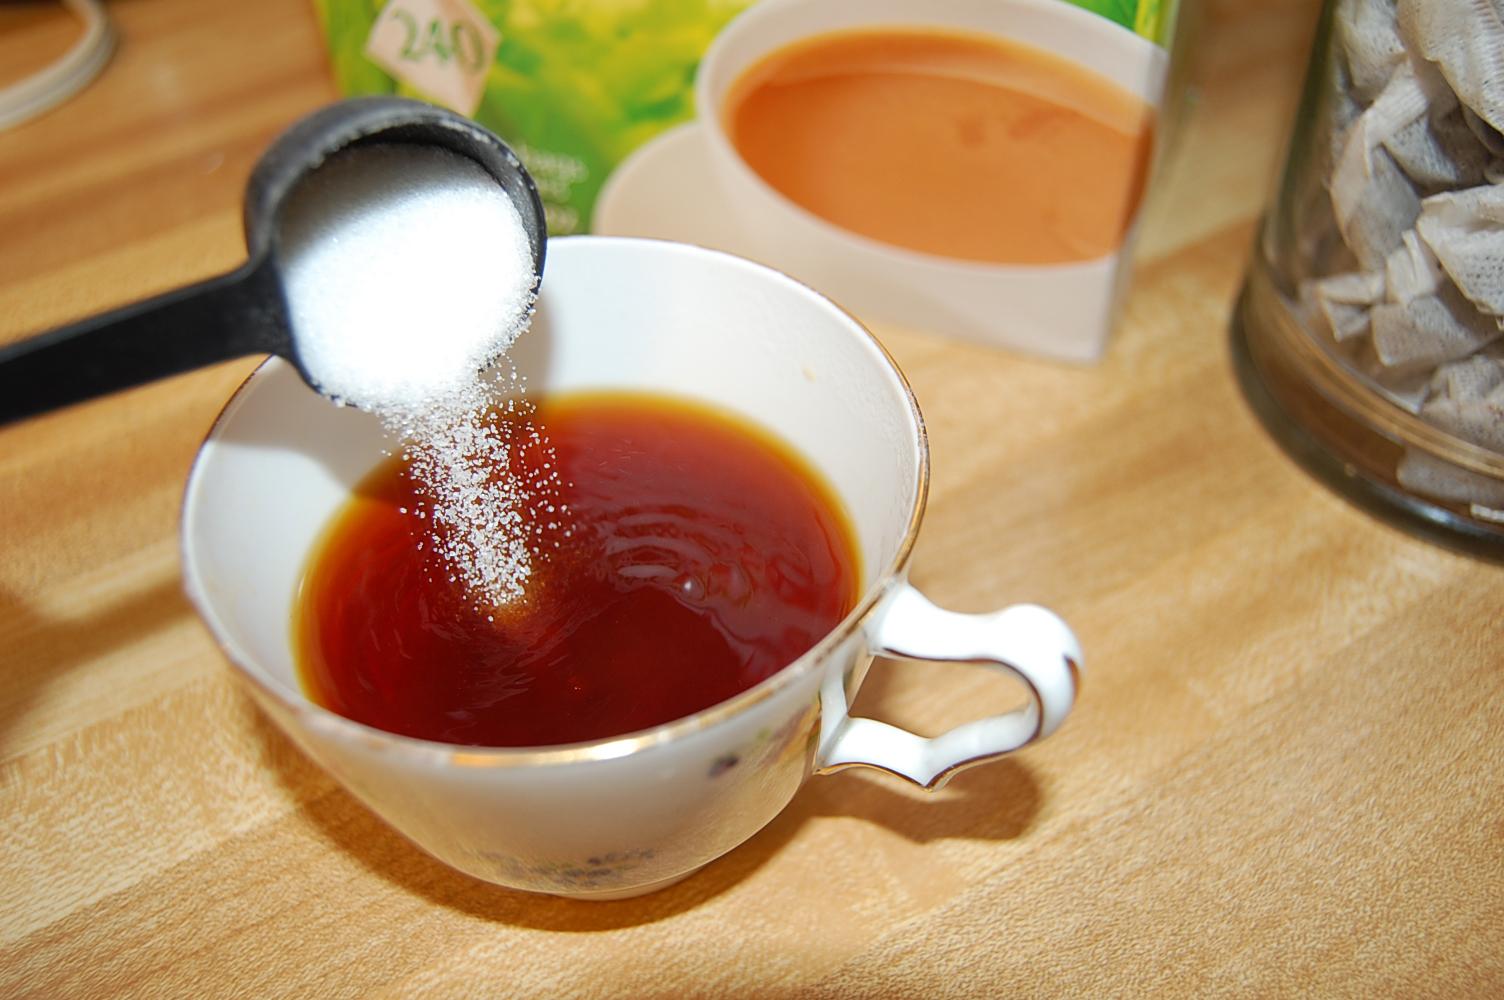 Böbrek İçin Sadece Tuz Değil, Şekeri de Bırakmak Gerekiyor